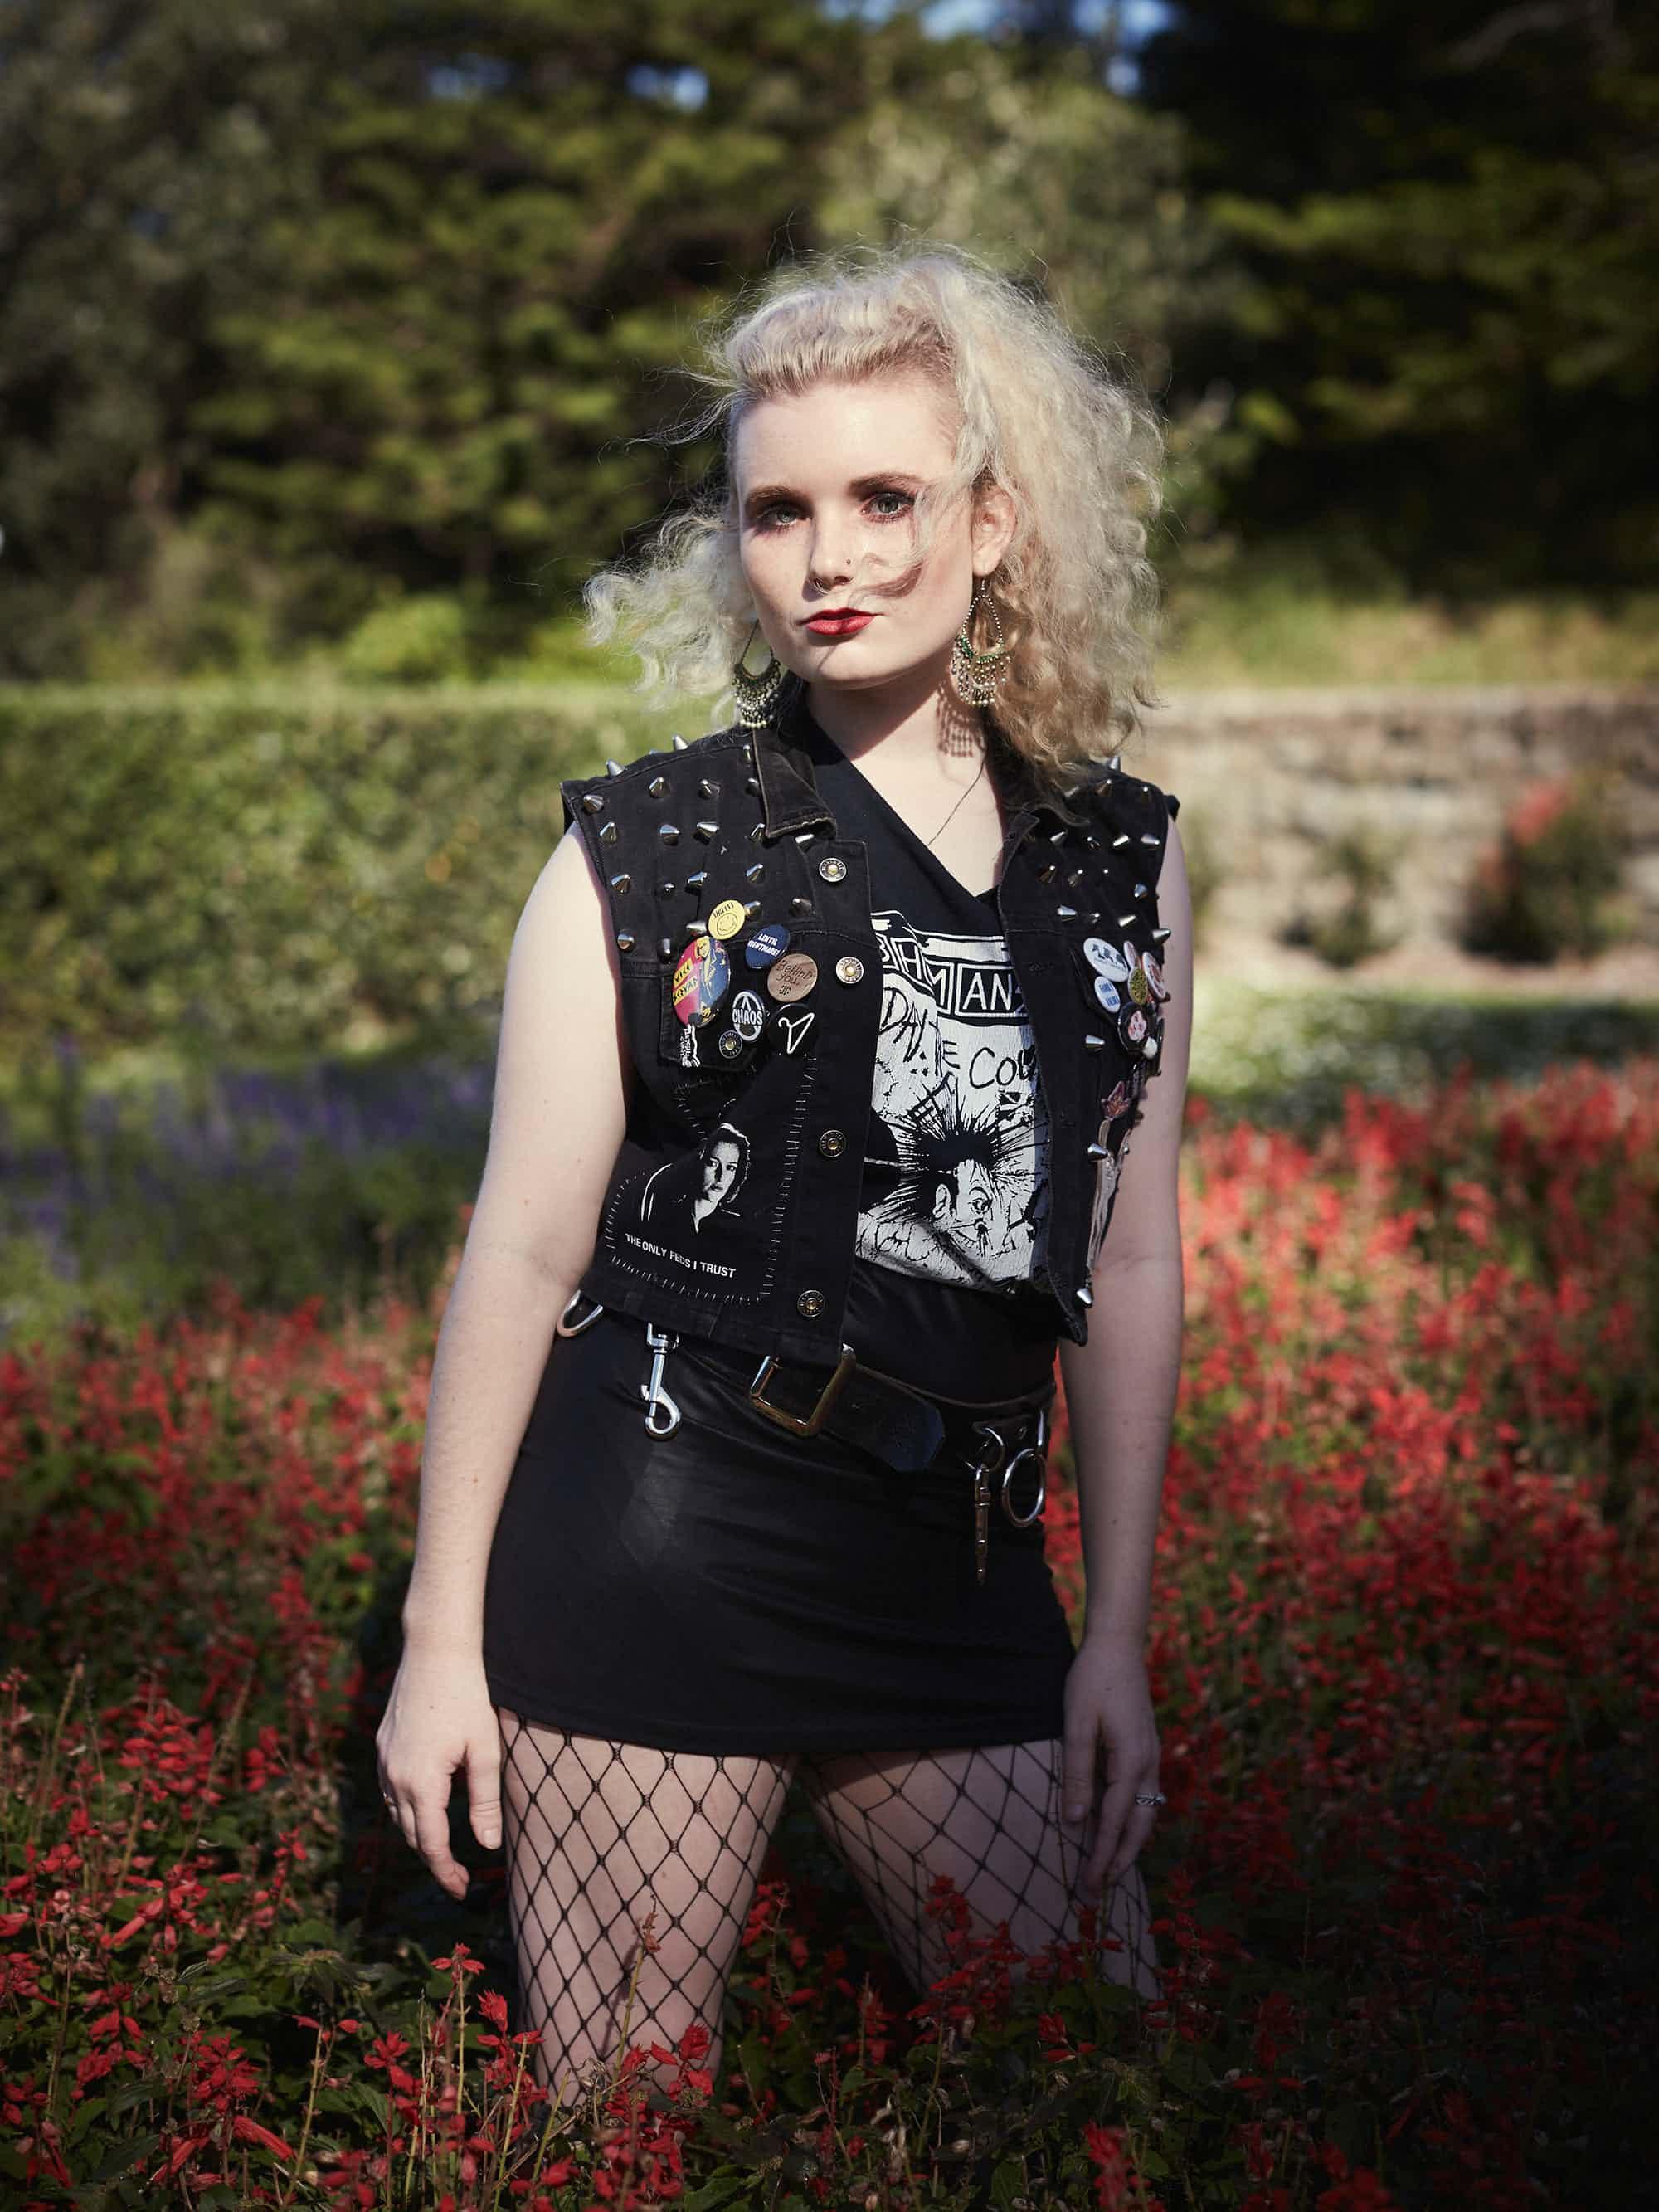 Мадлен    Мадлен Митчелл из Ньюкасла играет в двух местных панк-группах: Rort M